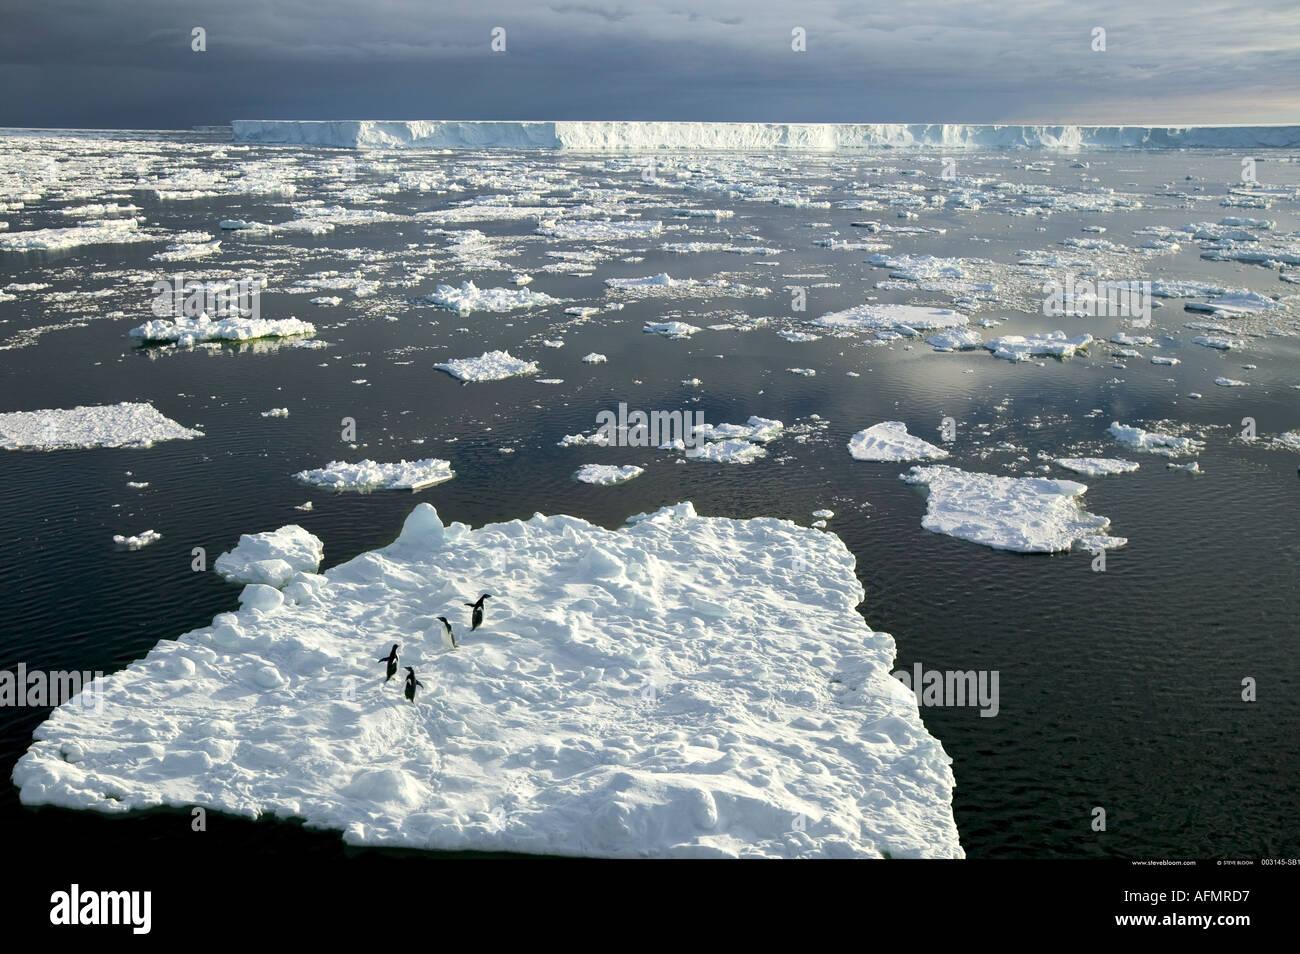 Adelie penguins on ice floe davanti a B 15 il mondo s più grande iceberg Antartide Immagini Stock